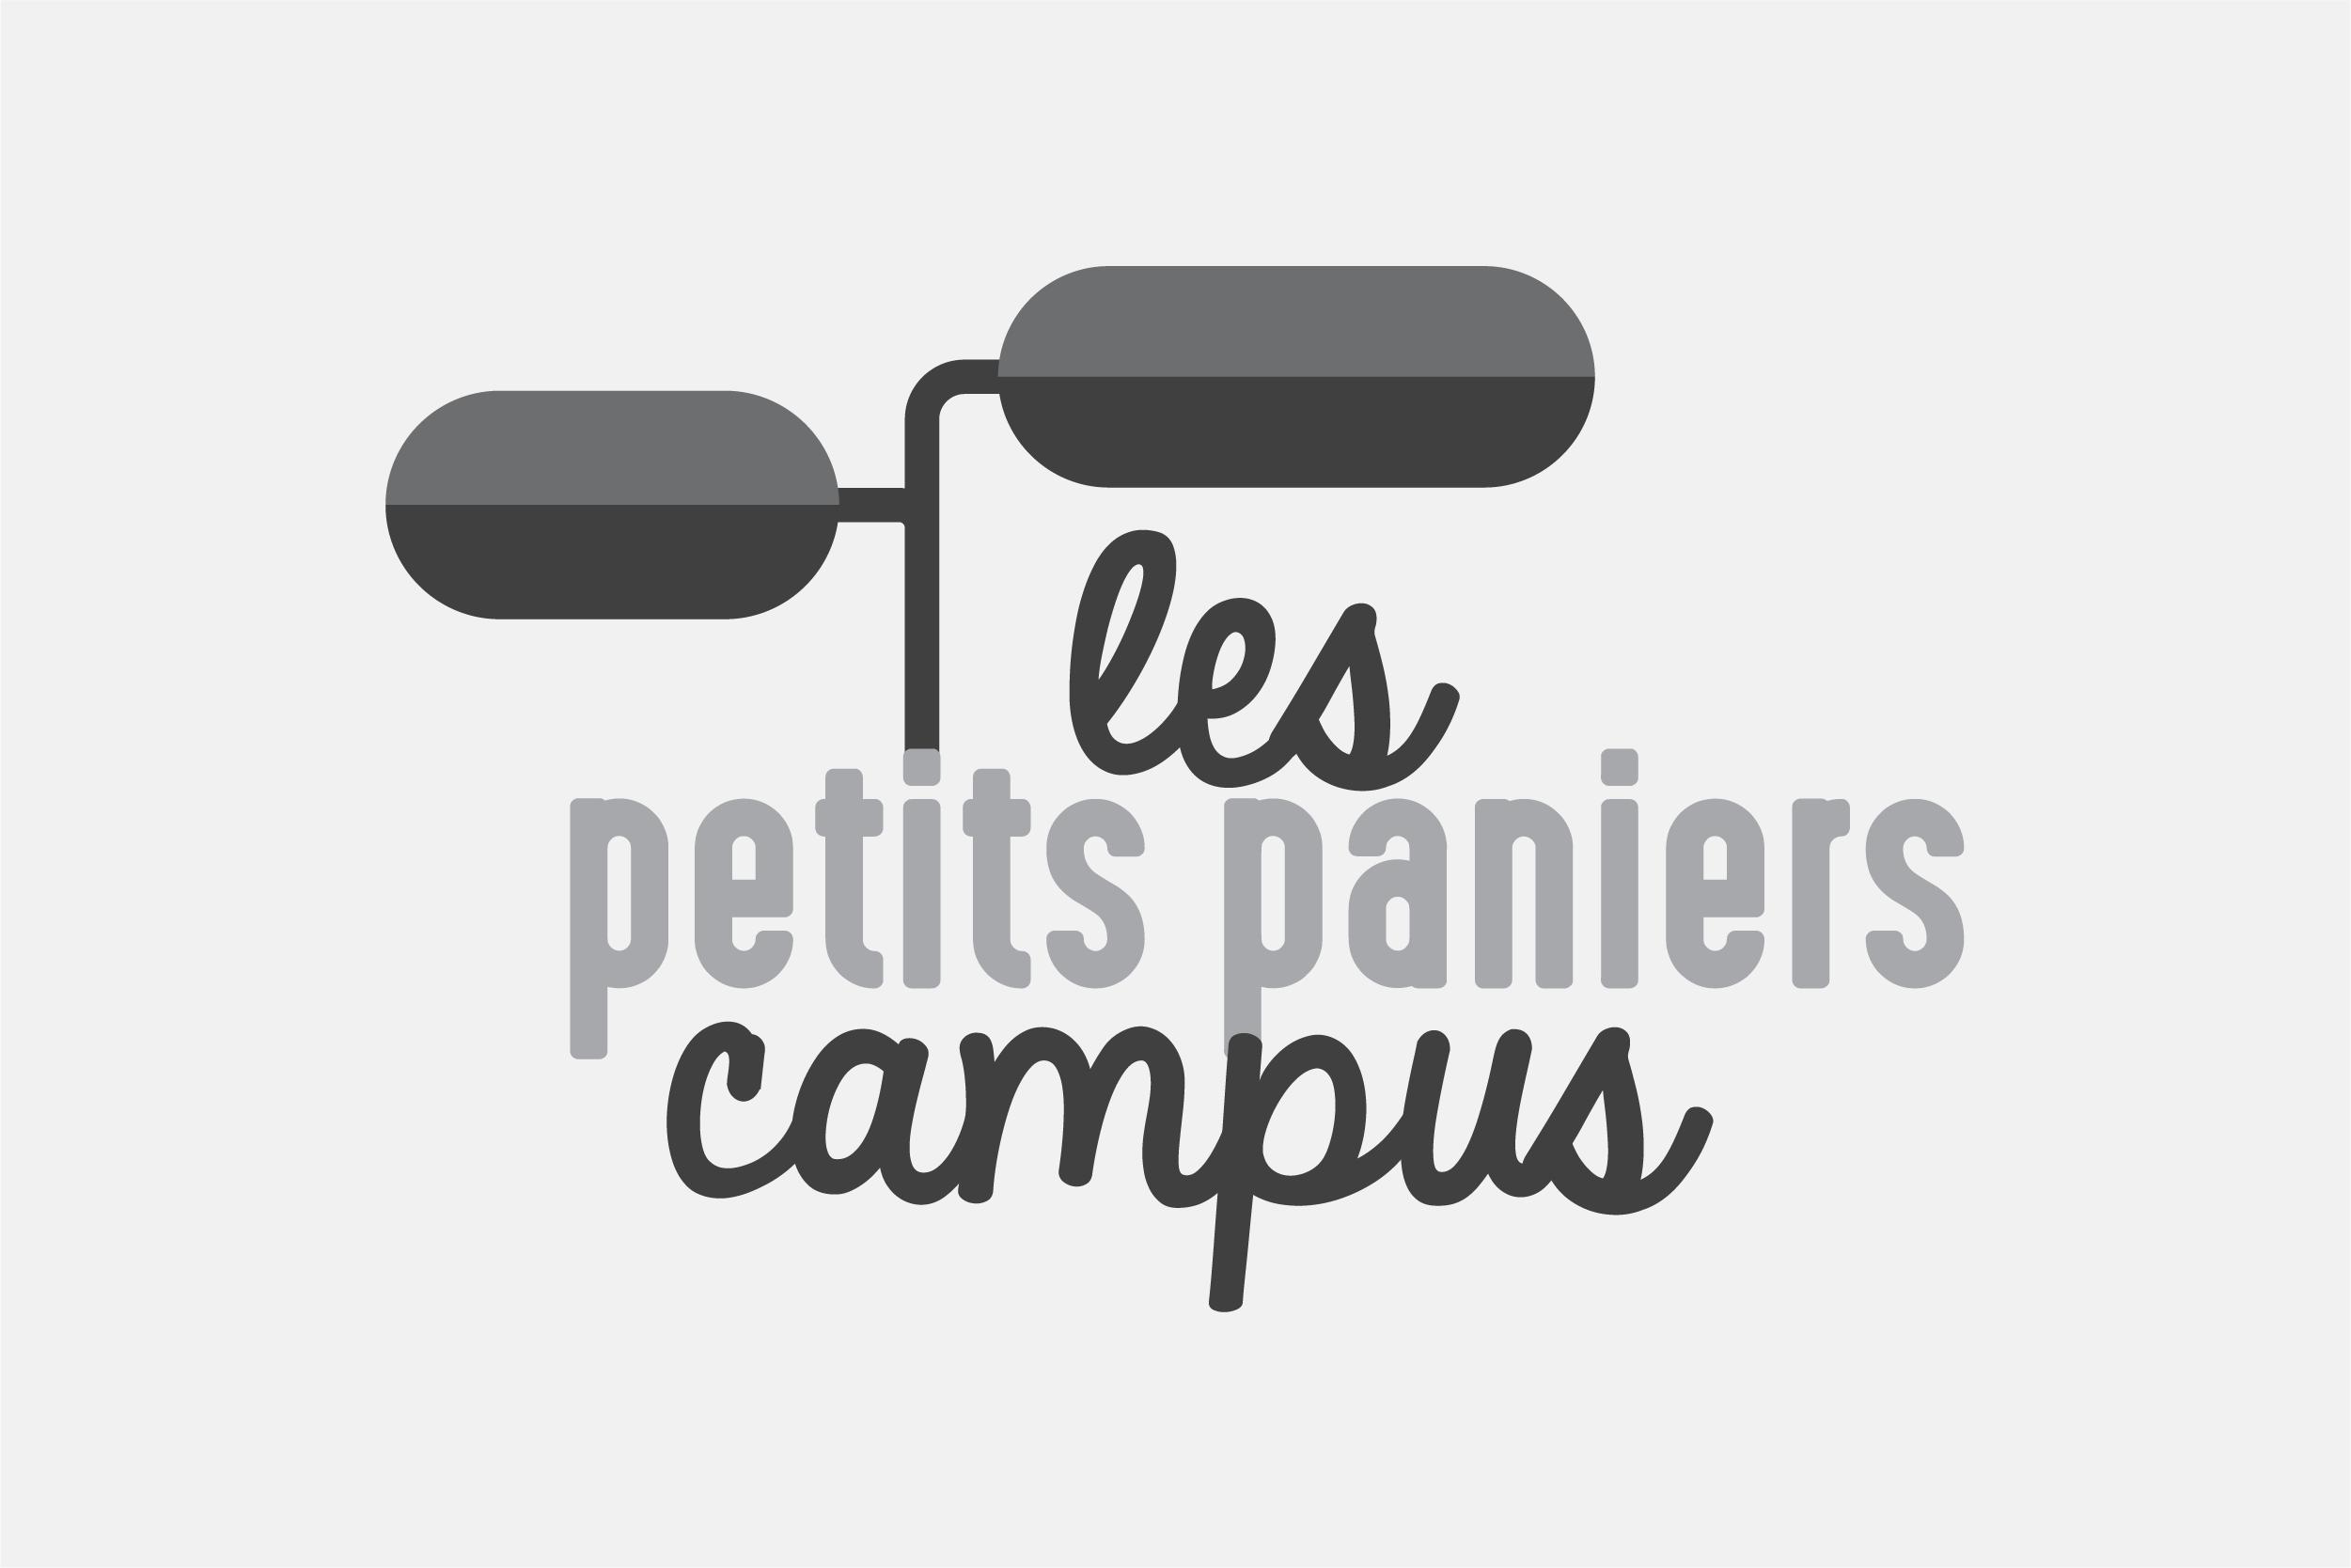 Petitspaniers_logo_gris